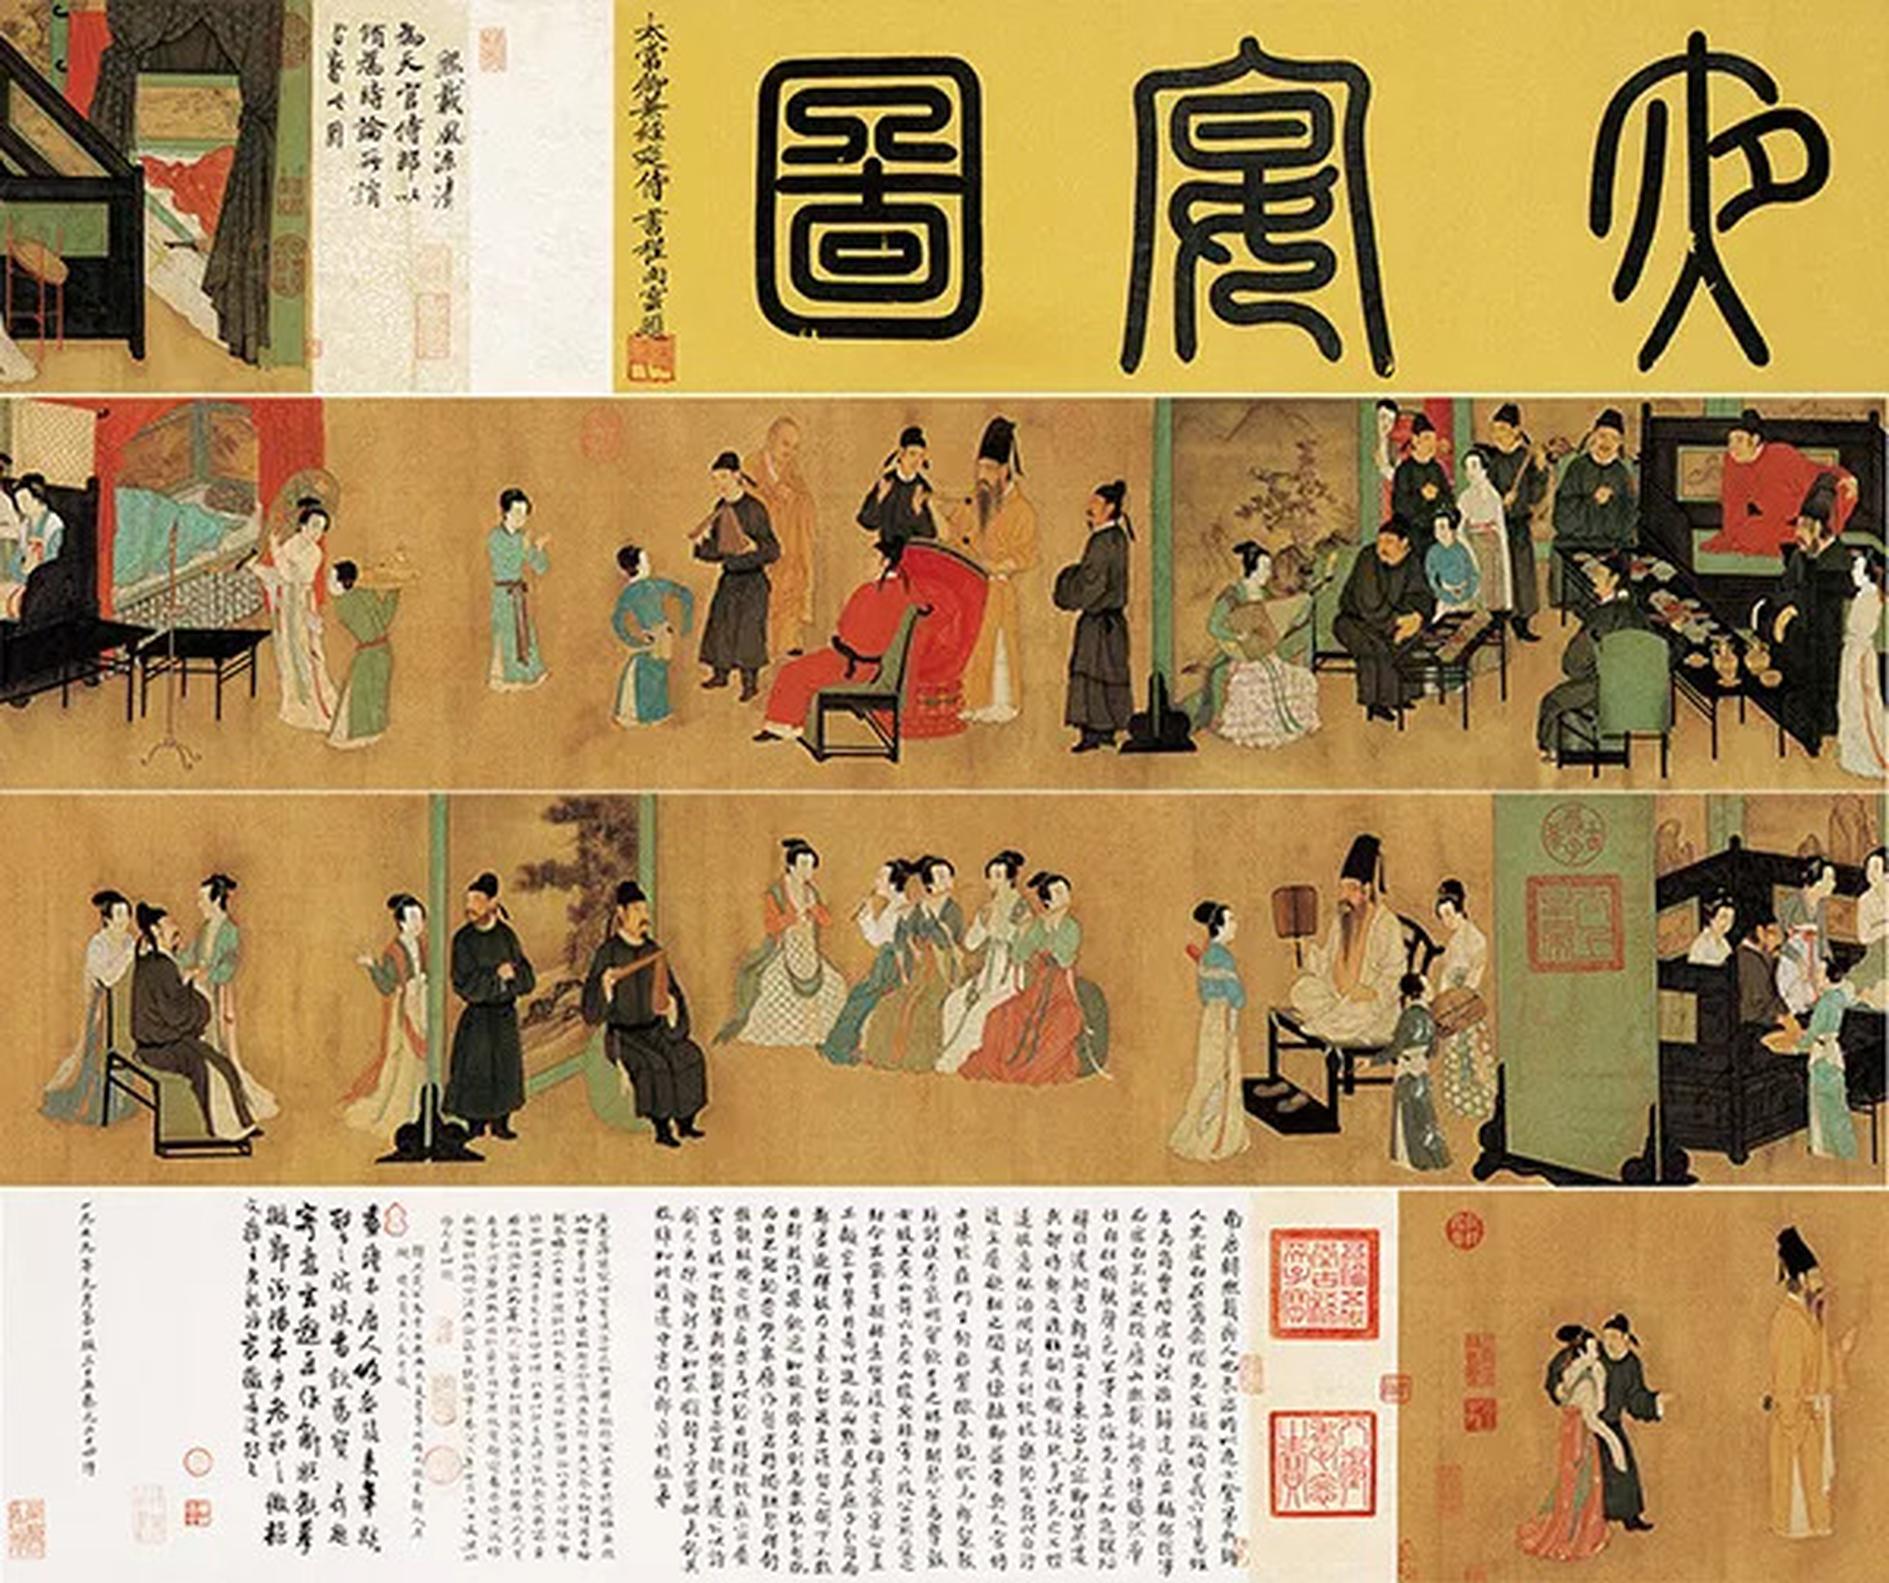 荣宝斋传承千年文化遗产 举办申遗十周年展览